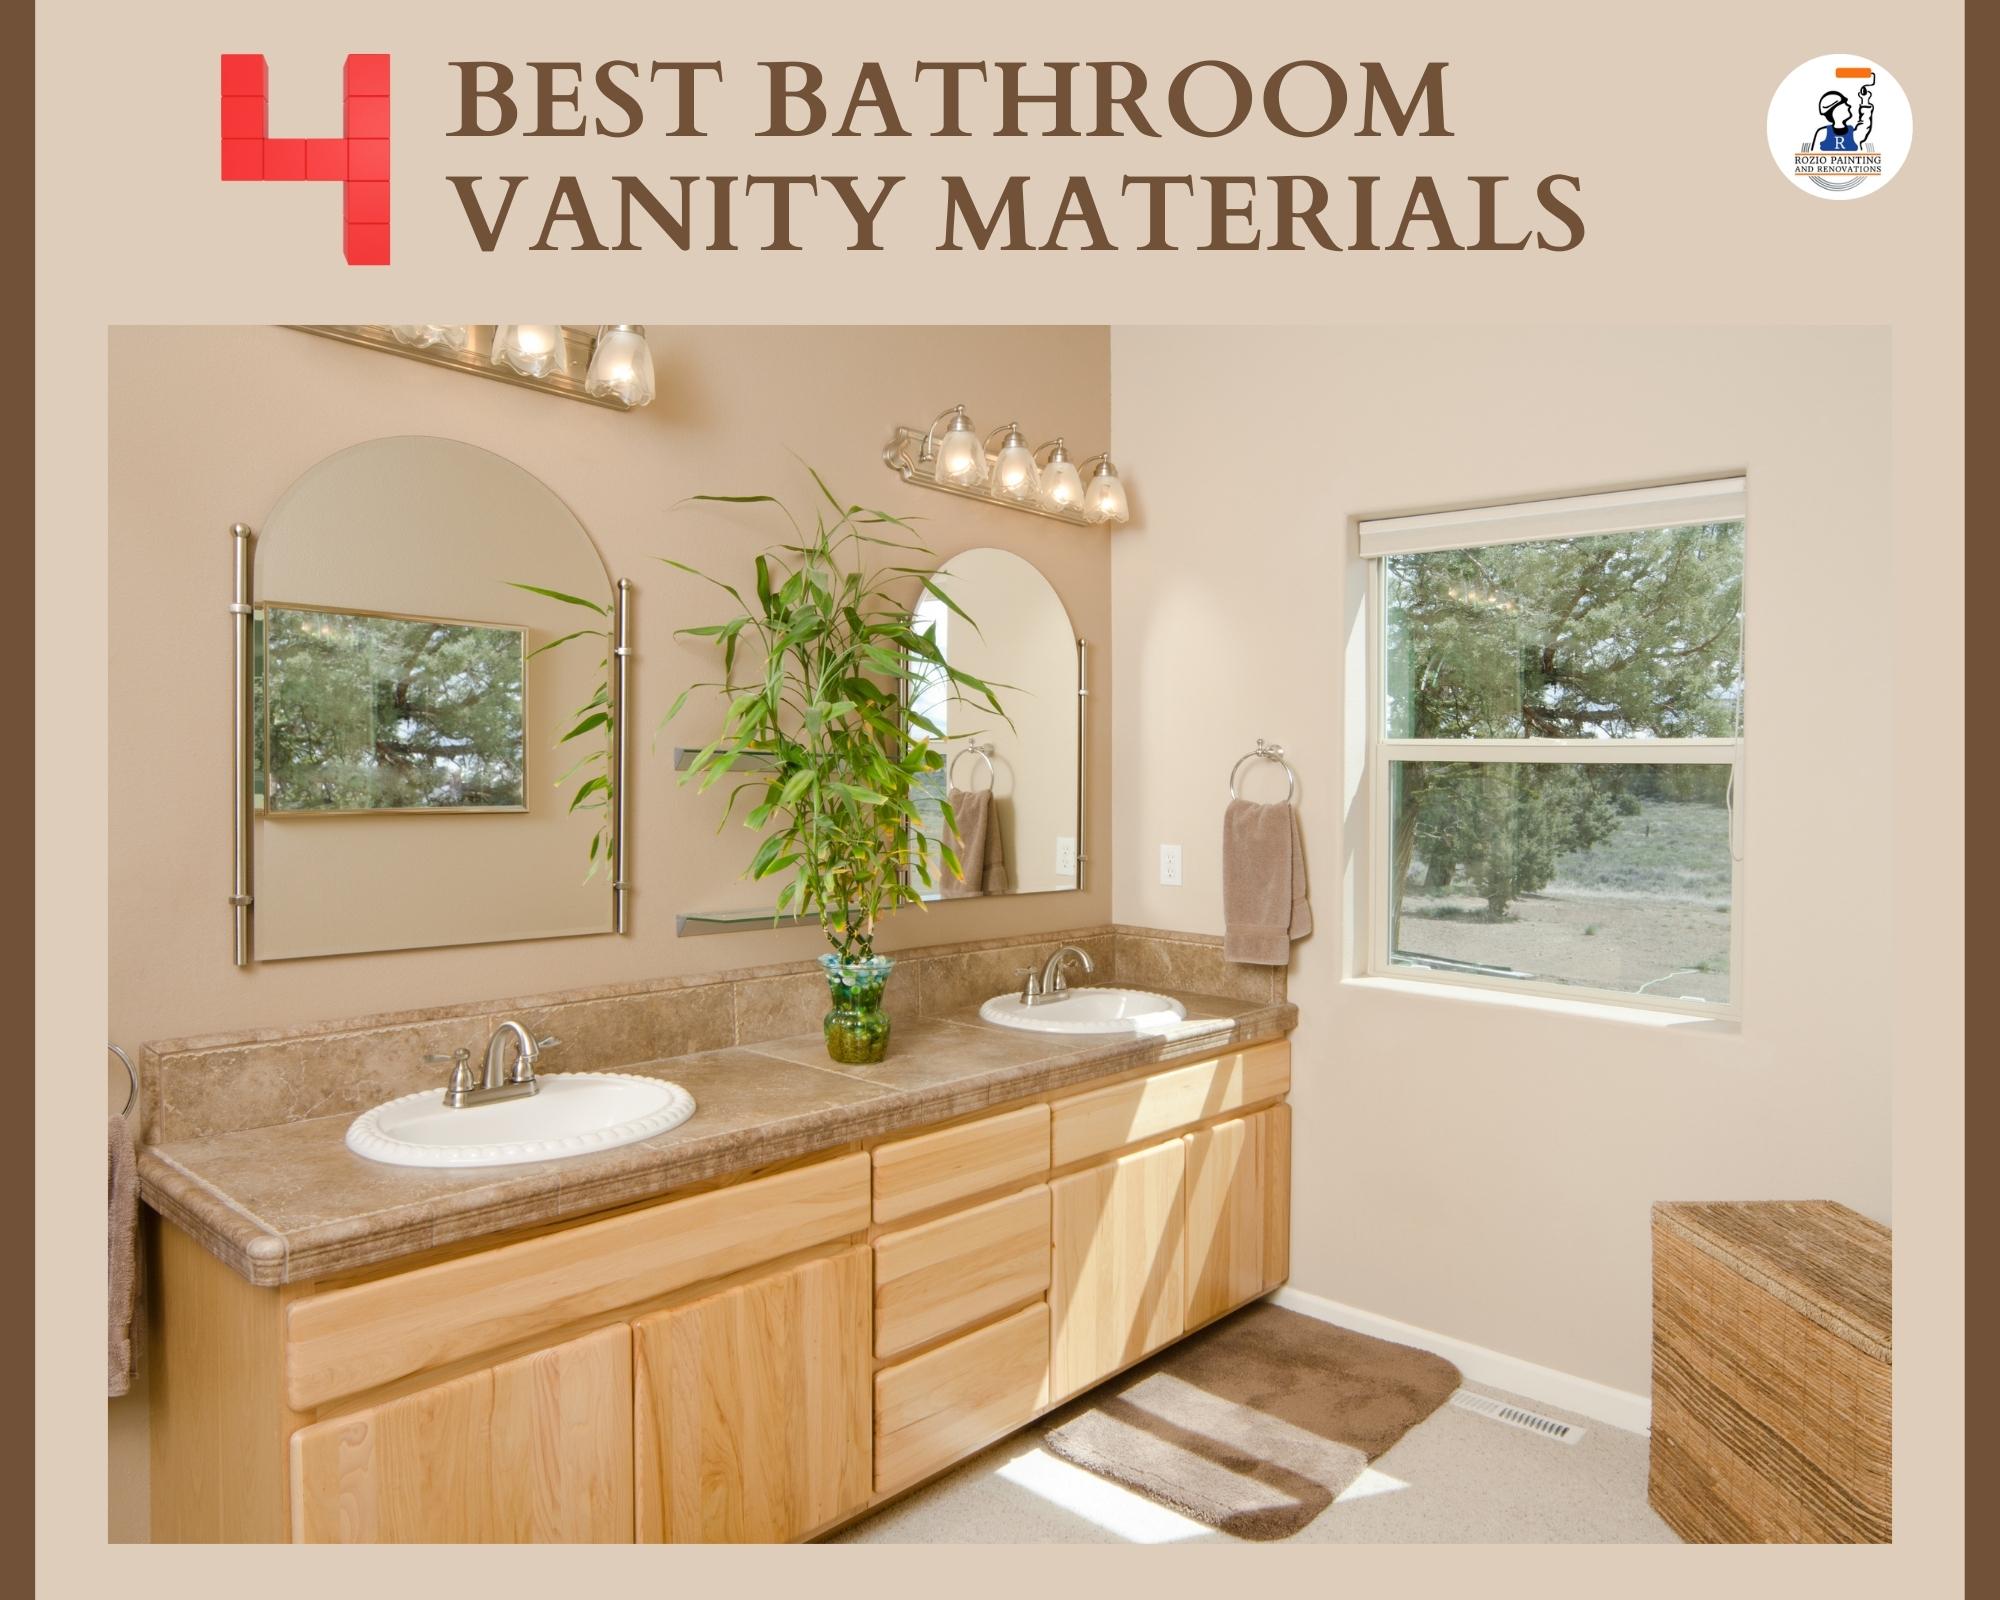 4 Best Bathroom Vanity Materials